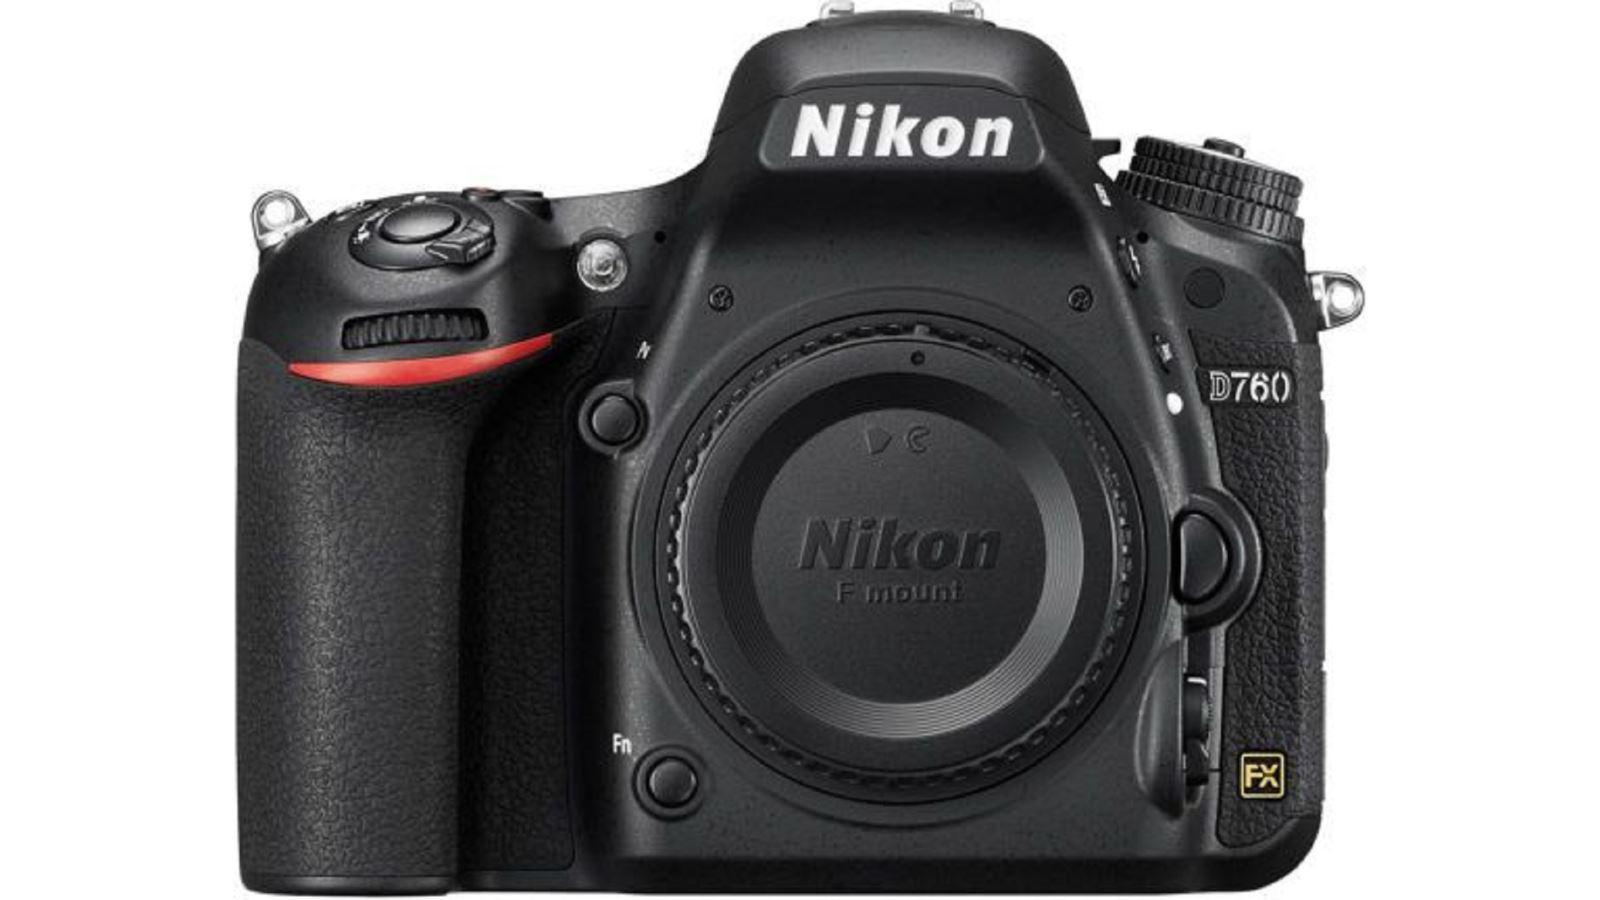 Nikon sẽ ra mắtD760 vào đầu năm 2020: Cảm biến 24MP, AF trội hơn